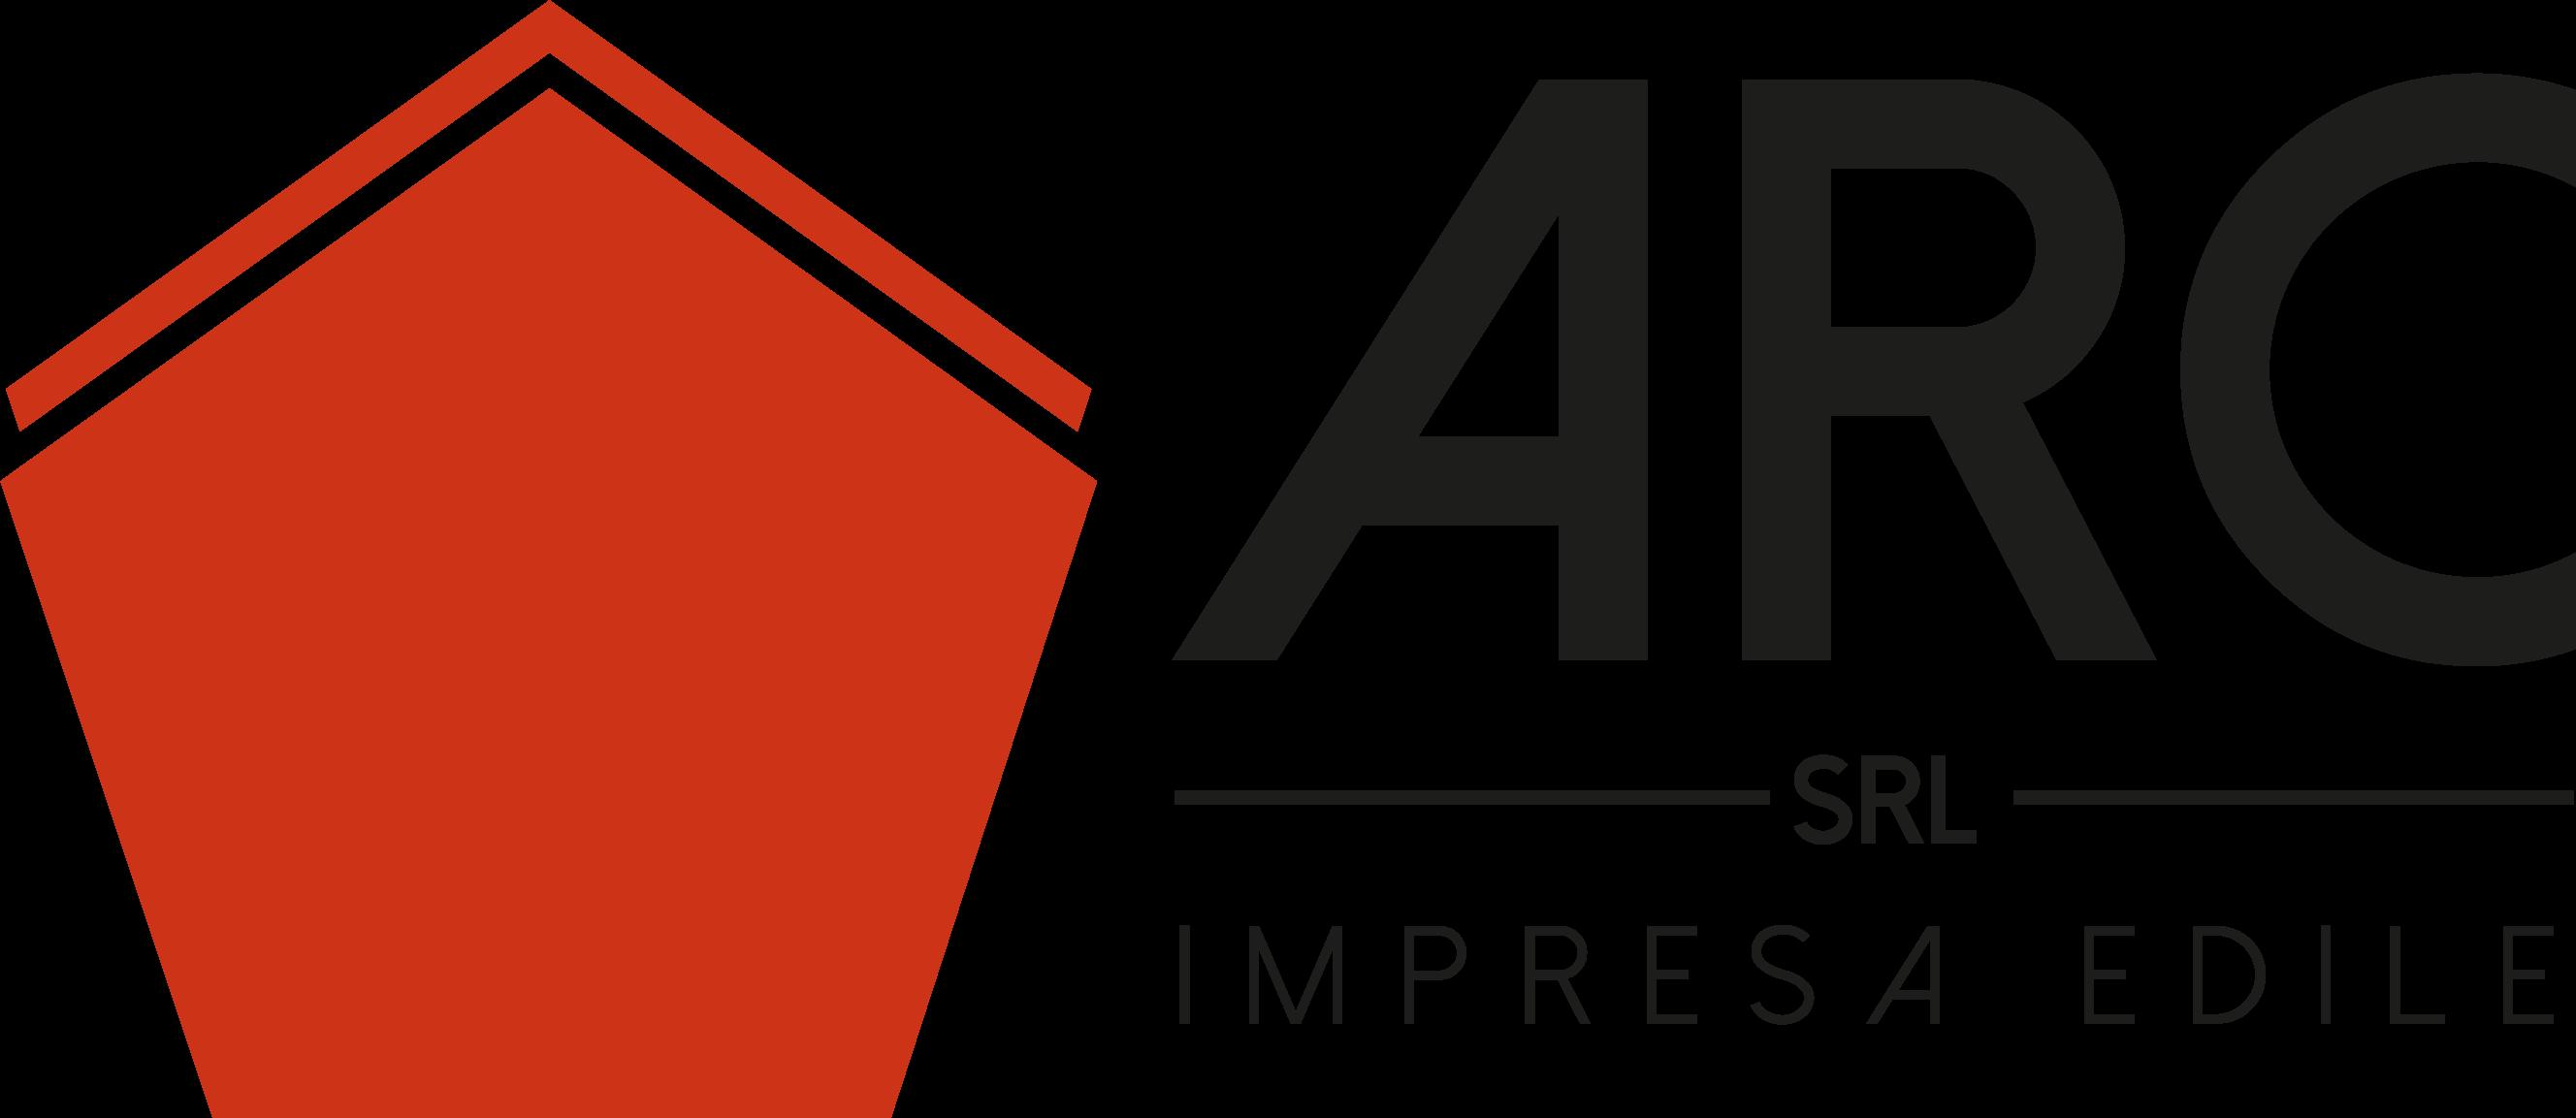 ARC srl - Impresa Edile